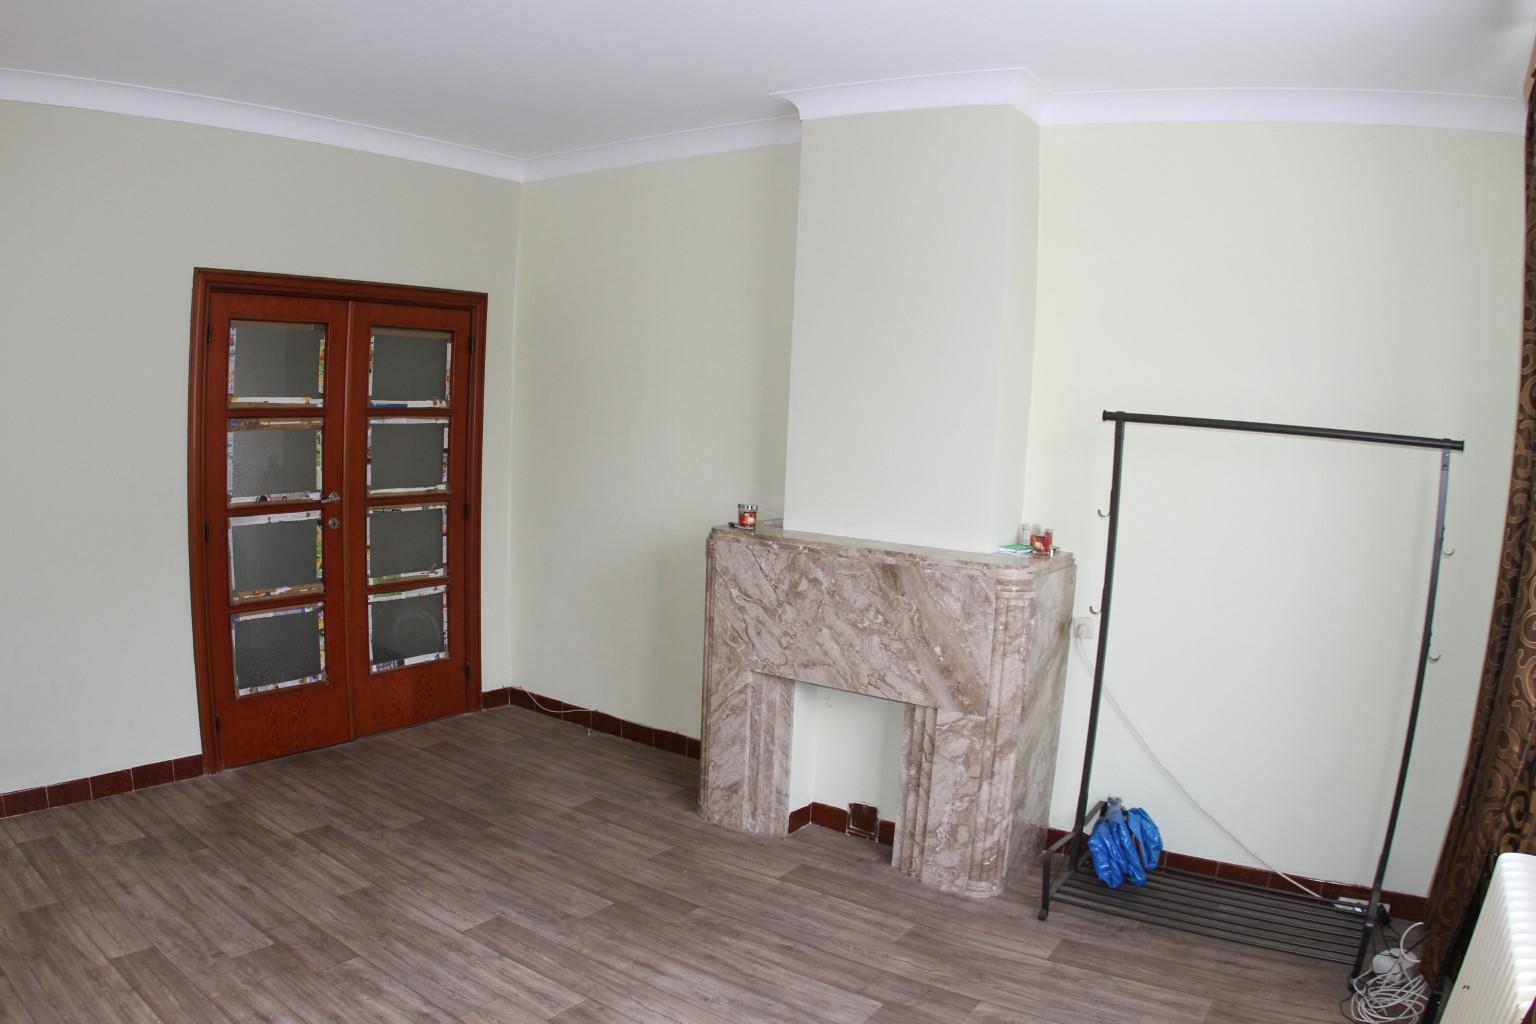 Bel-étage - Tubize - #2663760-7